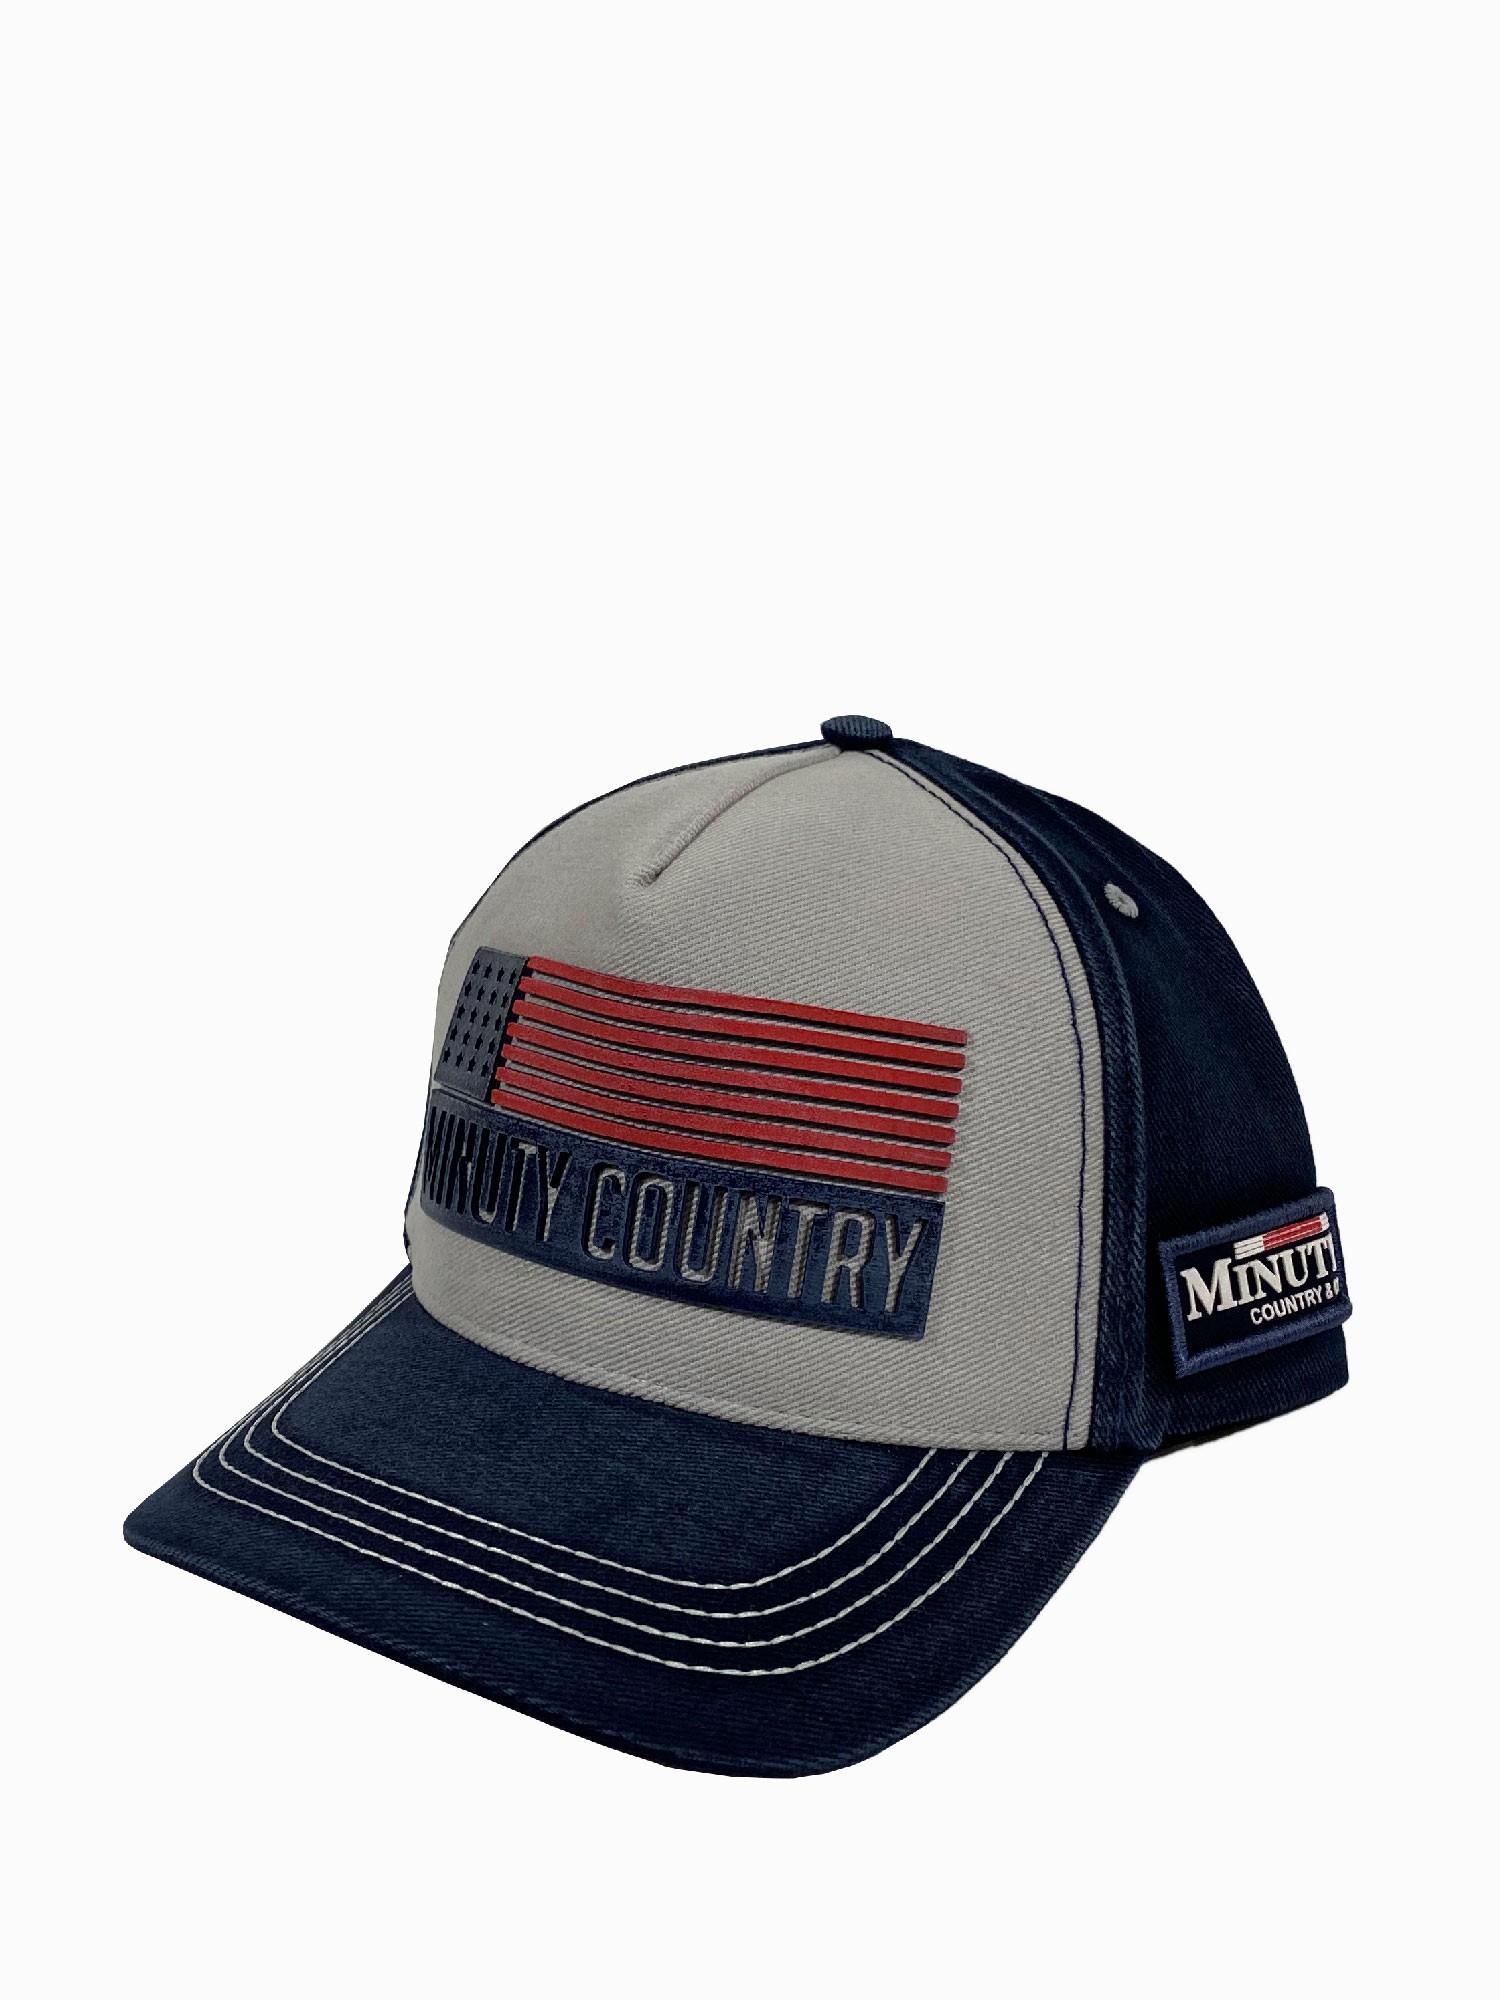 Boné Masculino Minuty Country Aba Jeans Bandeira E.U.A